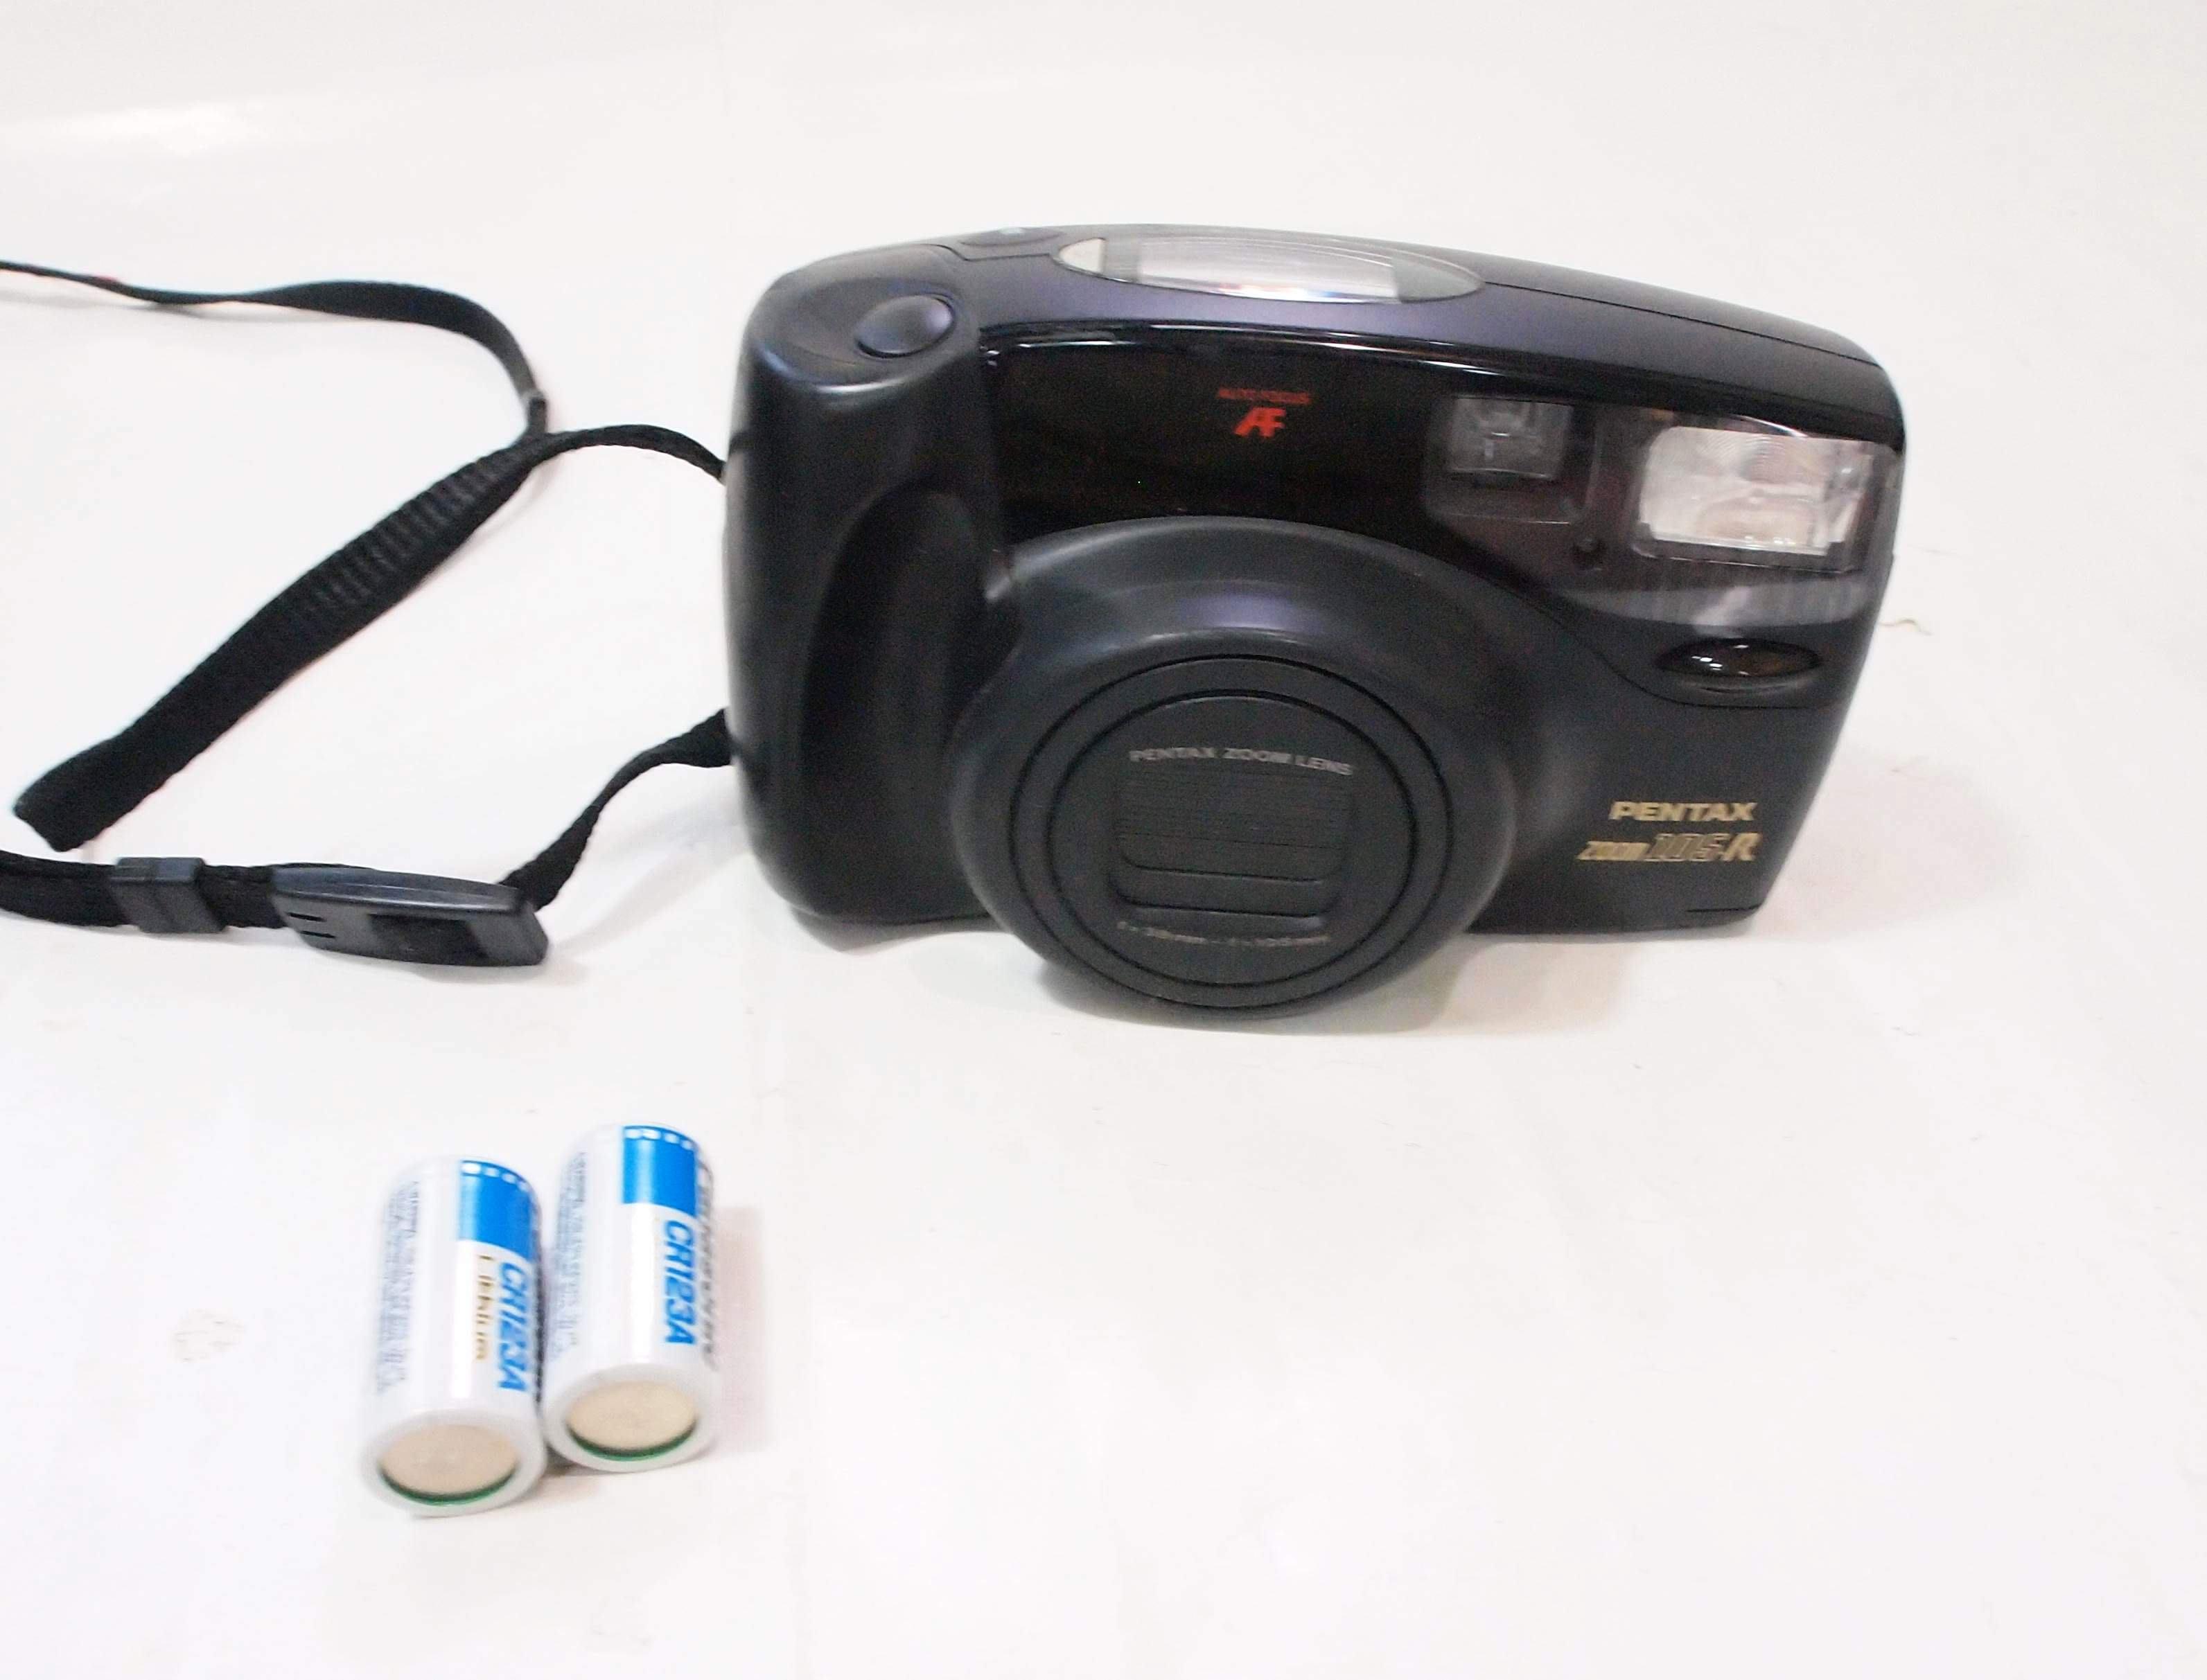 二手,PENTAX 底片相機 /型號:ZOOM 105-R